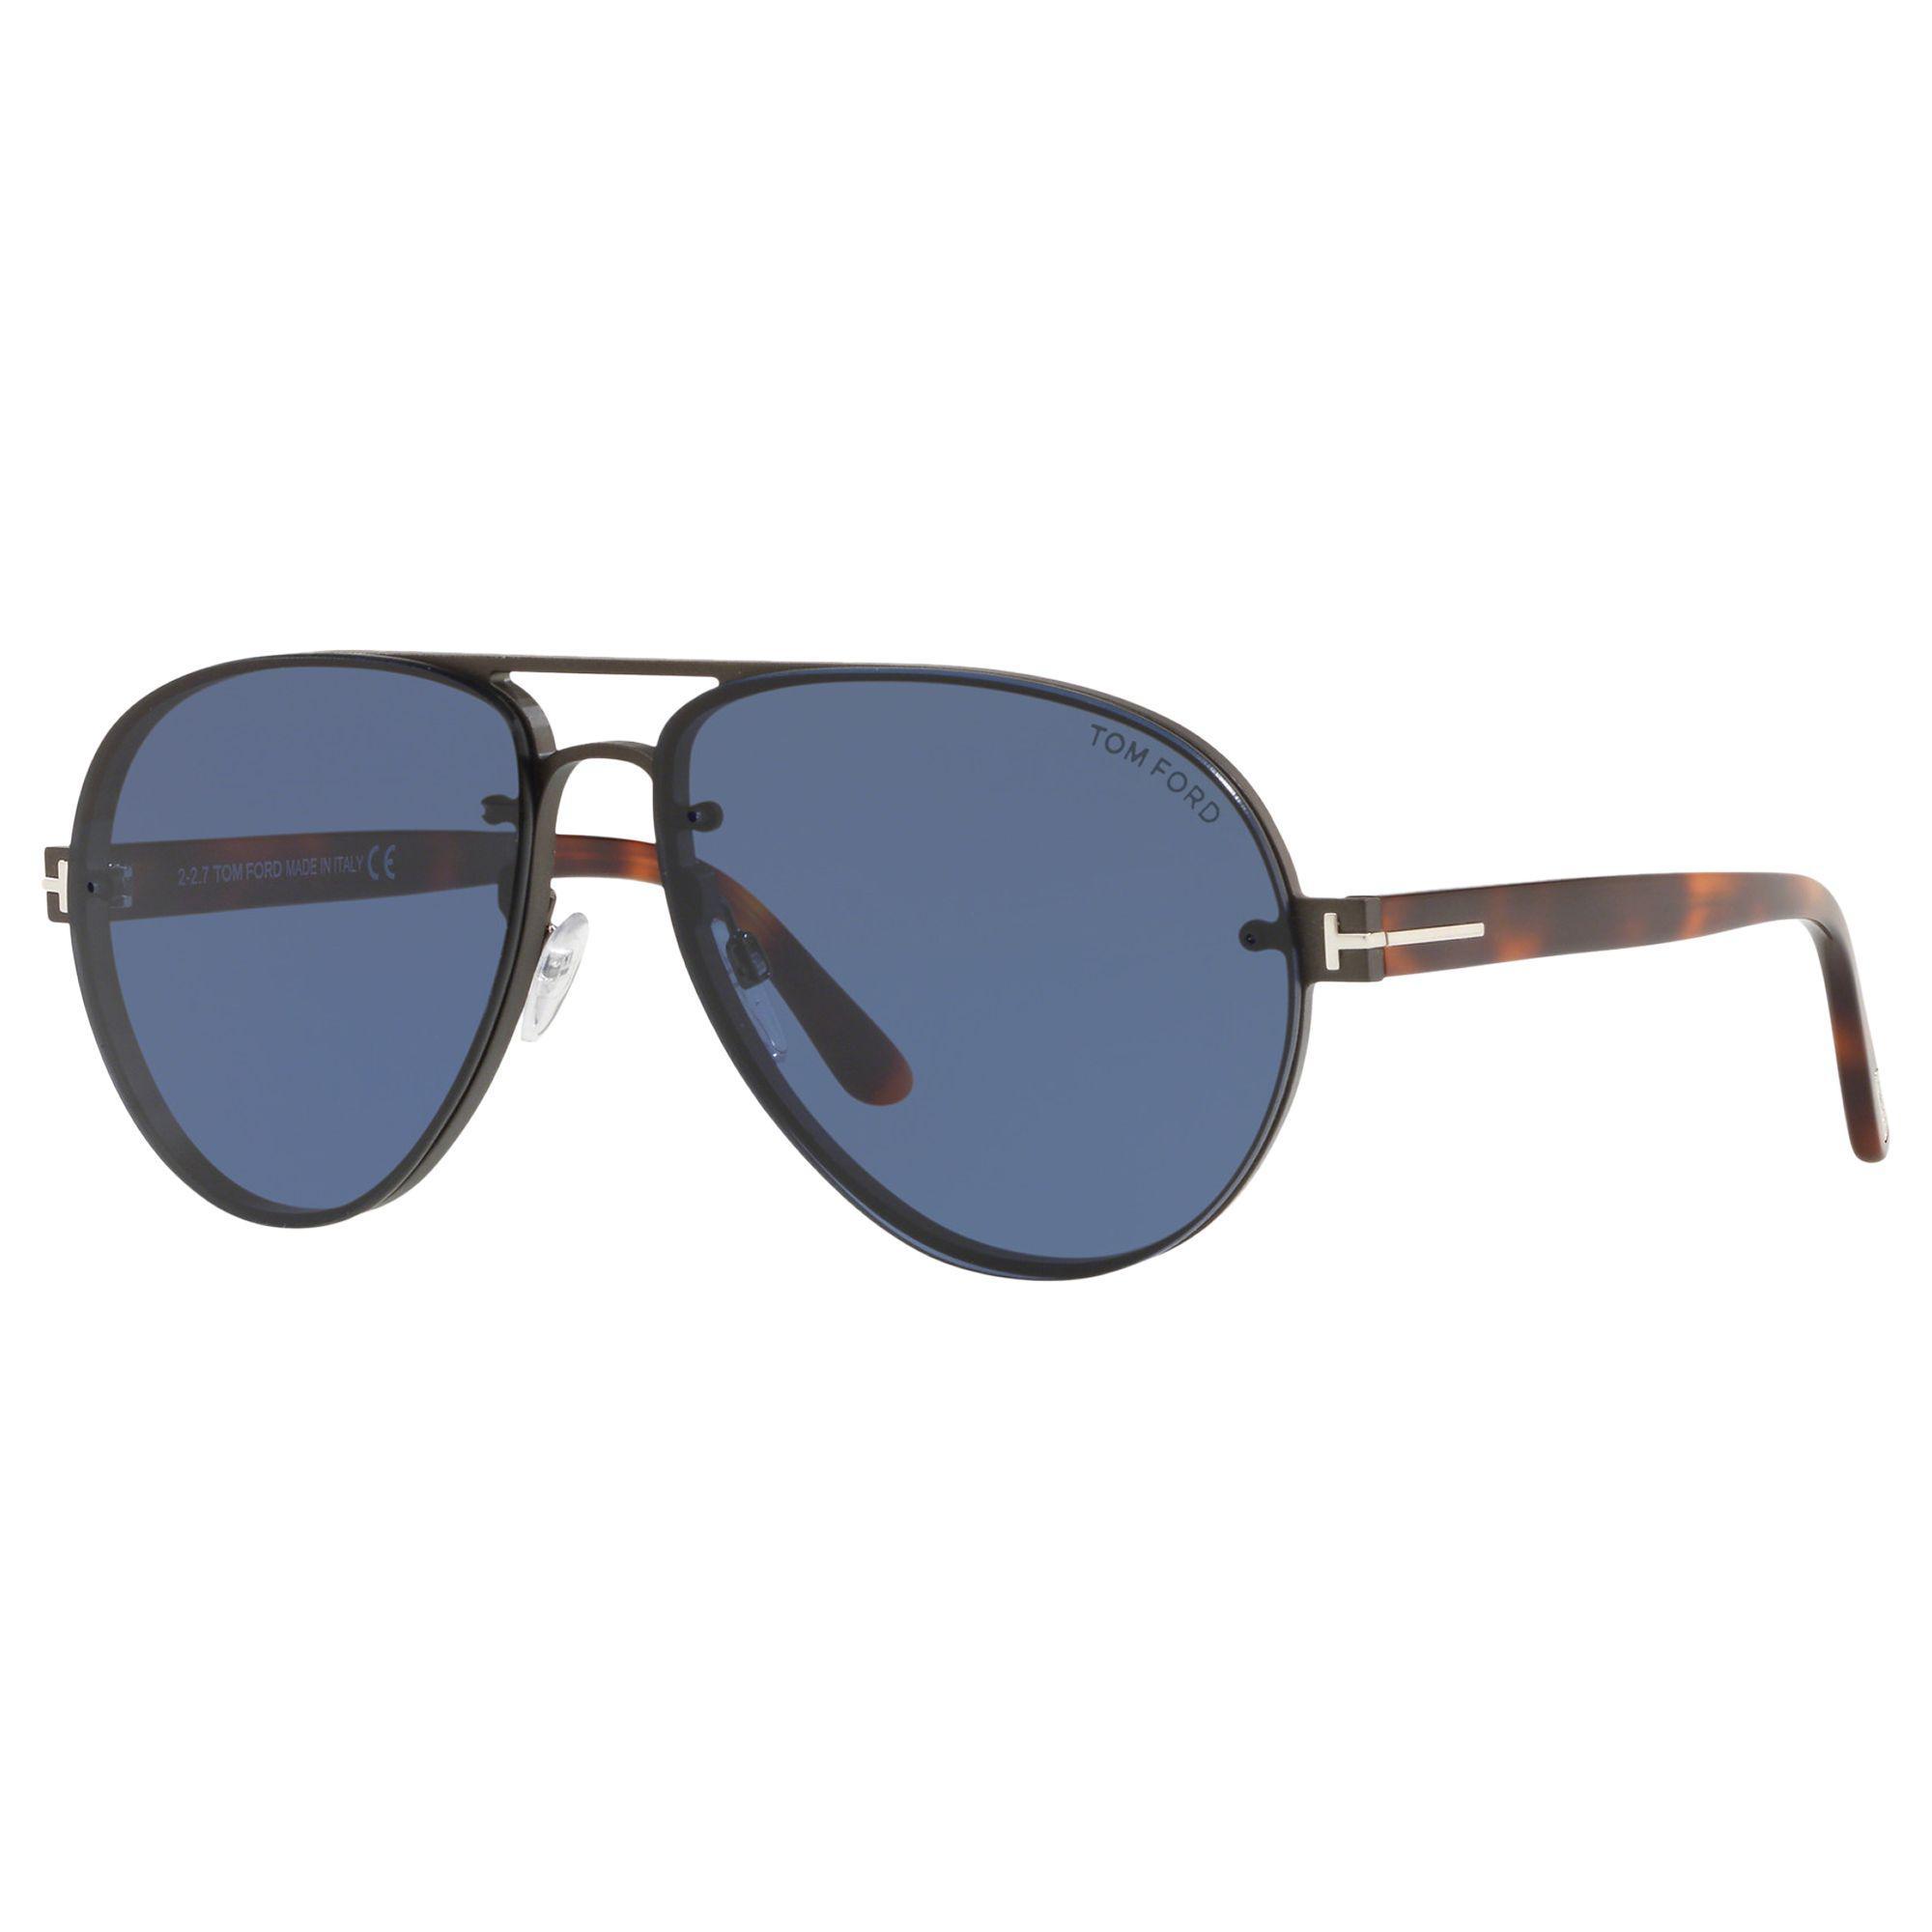 399e90e7c70 Tom Ford Ft0622 Men s Alexei-02 Aviator Sunglasses in Blue for Men ...